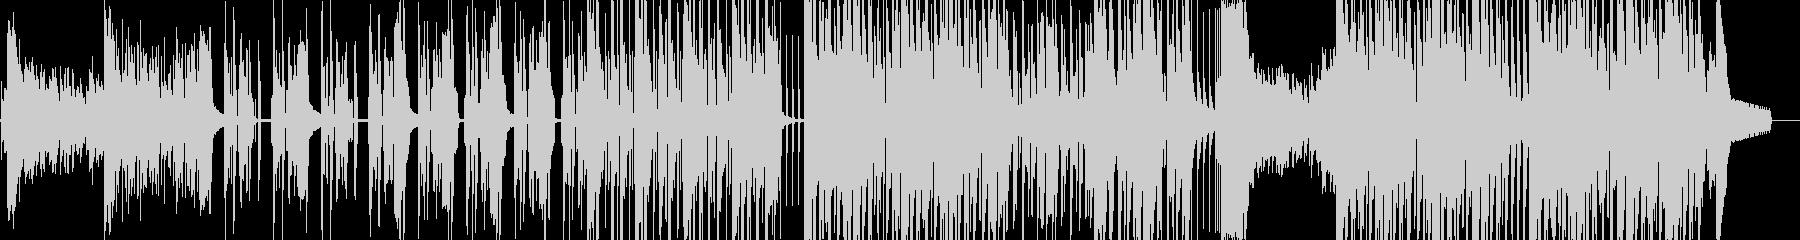 スリラー・民族ダークヒップホップ 短尺★の未再生の波形